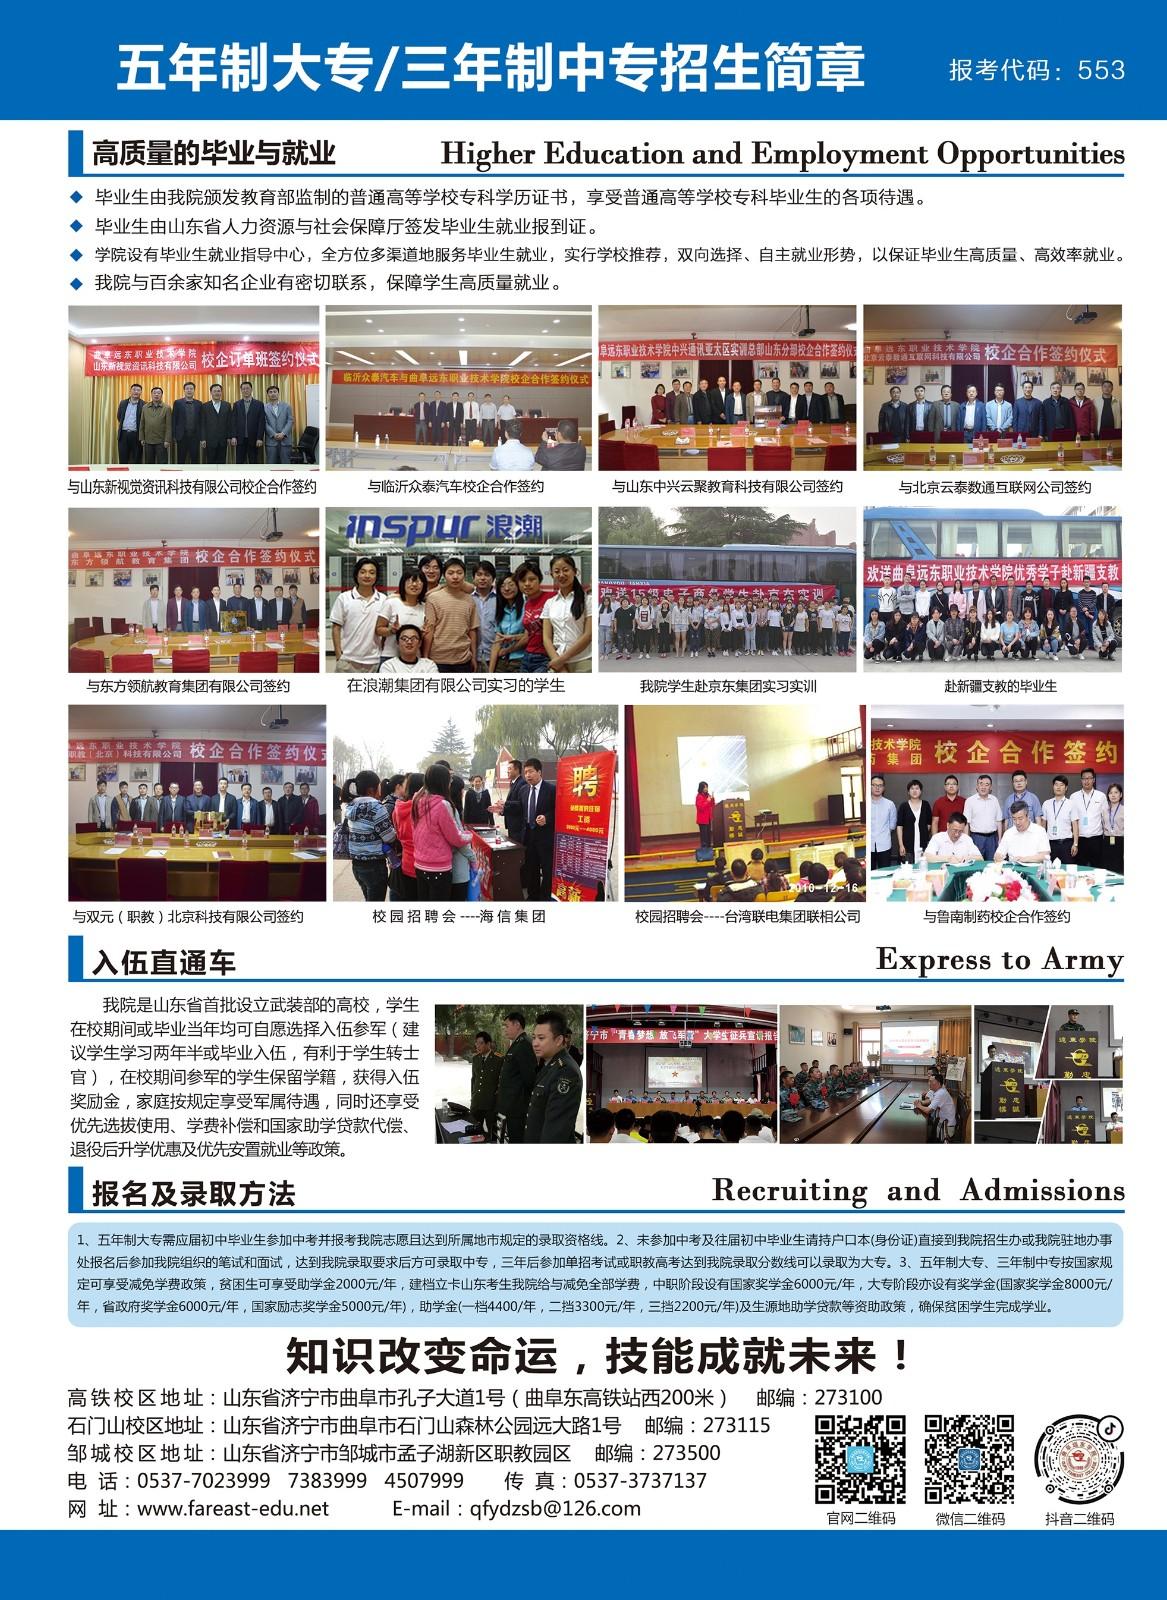 /images/2021-05-14/d9b4574ab772d58d76eaabbac80ad605.jpg